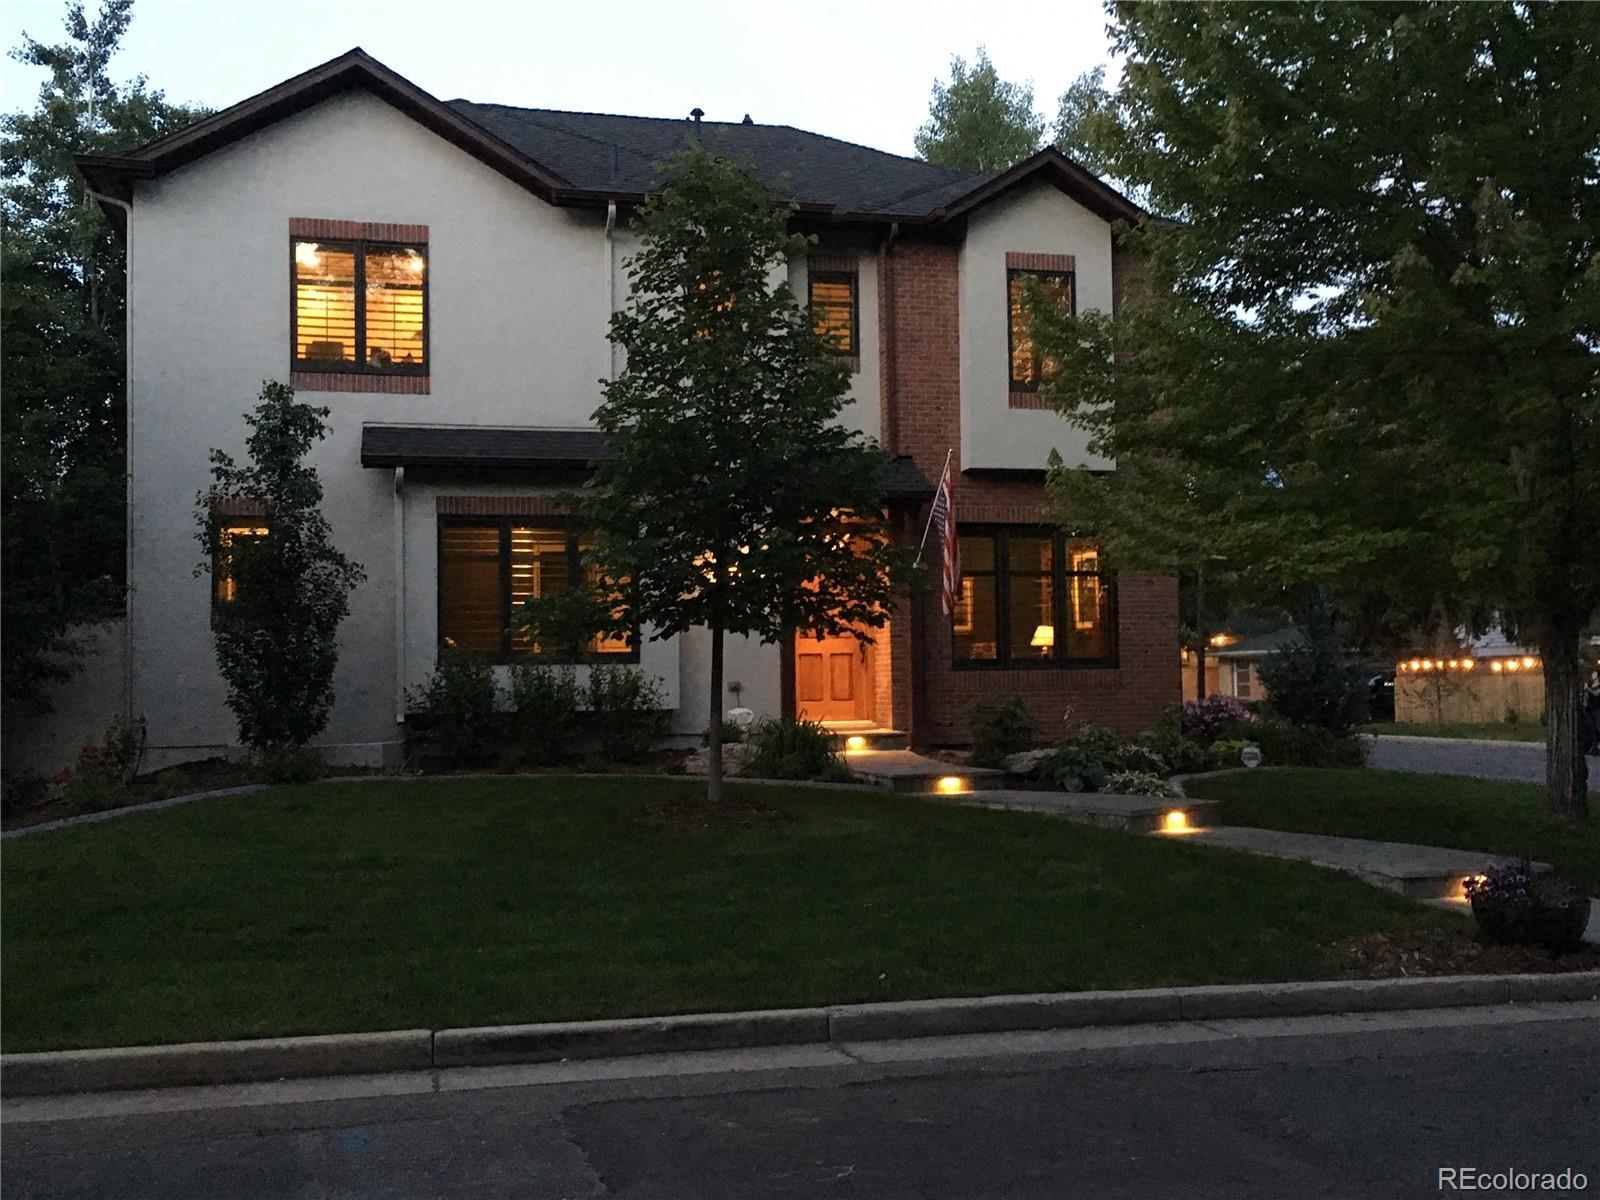 MLS# 4328523 - 1 - 700 Pontiac Street, Denver, CO 80220